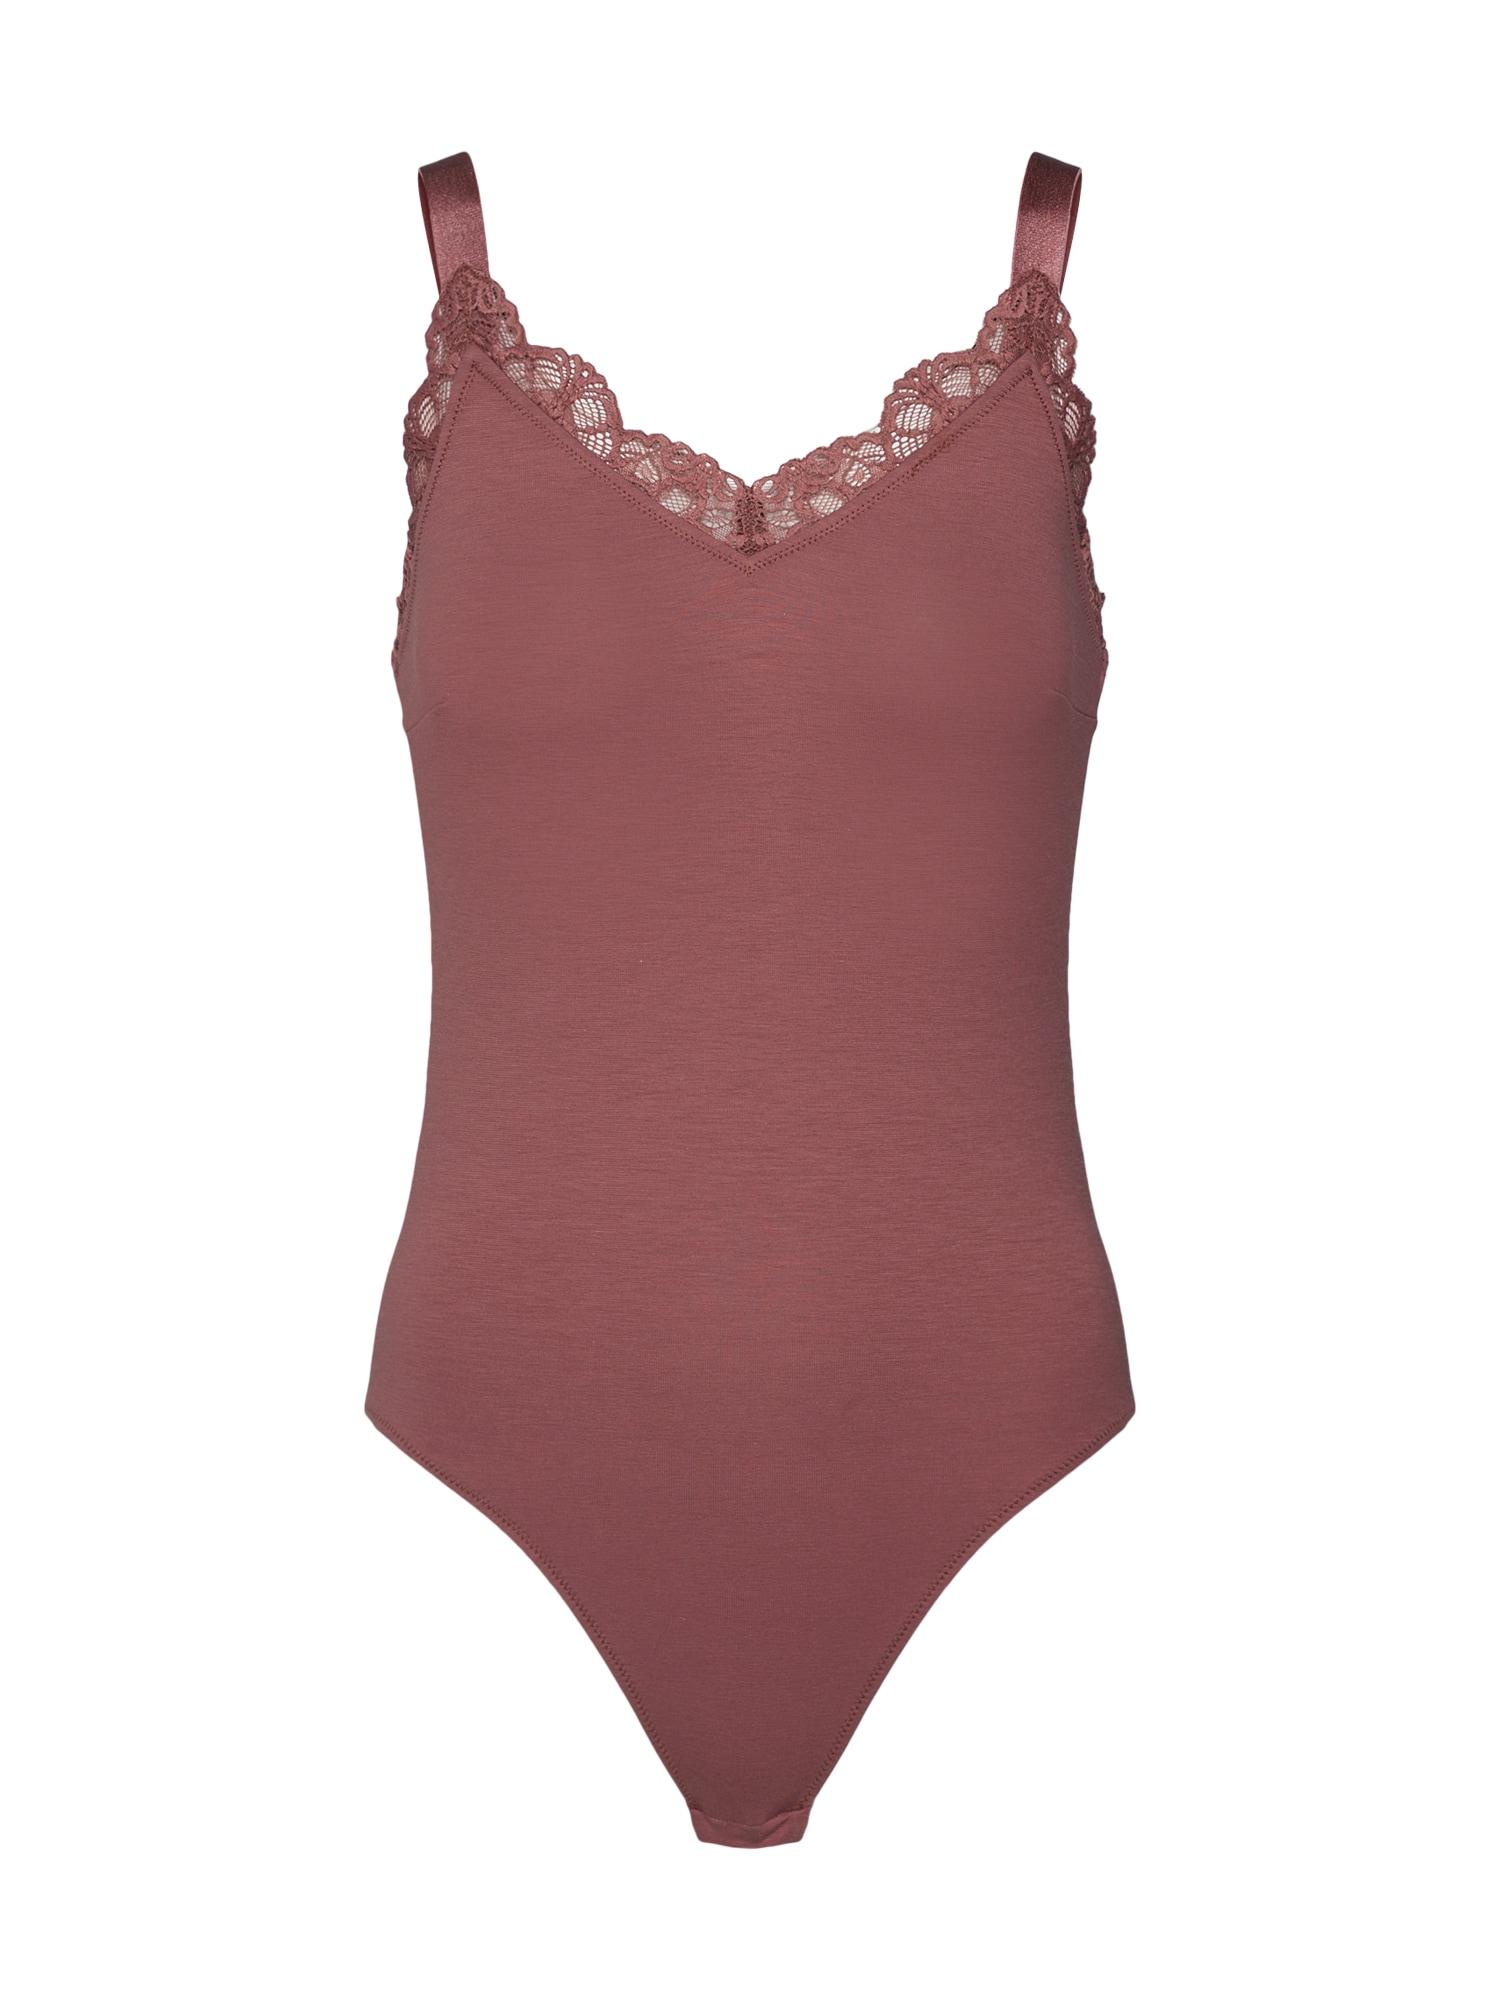 Body - spodní prádlo Cotton Dream rezavě červená CALIDA